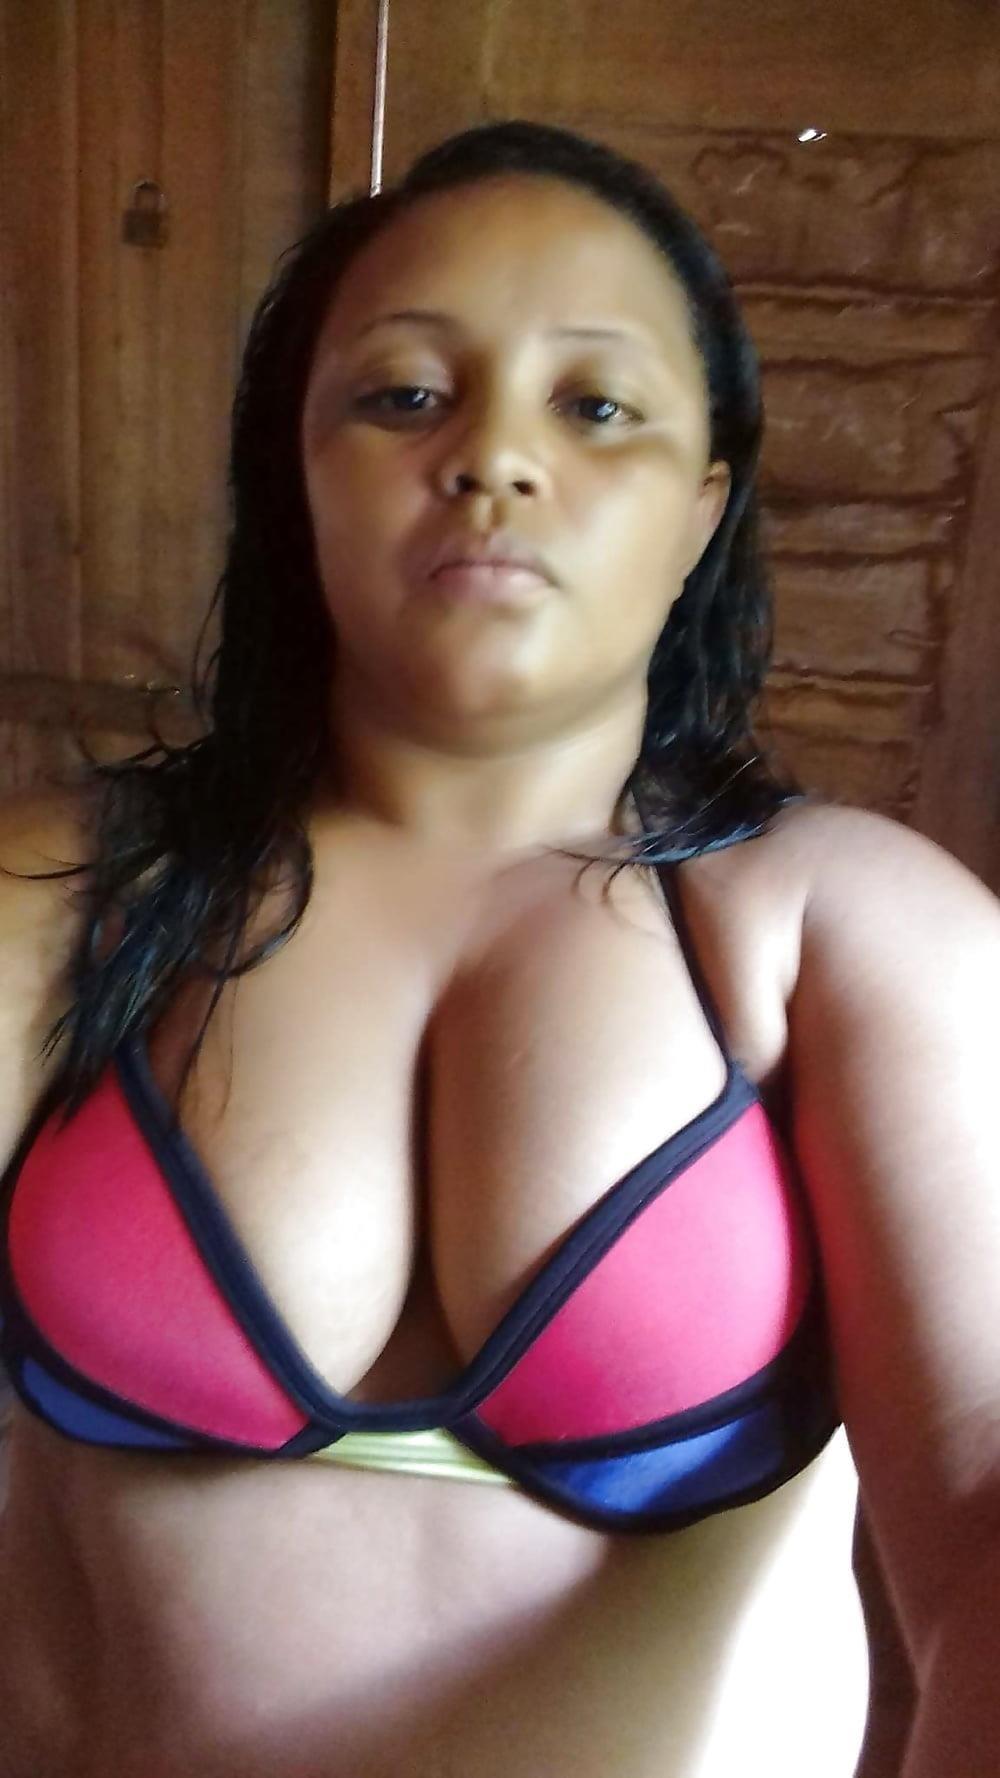 Big mom boobs pic-4608